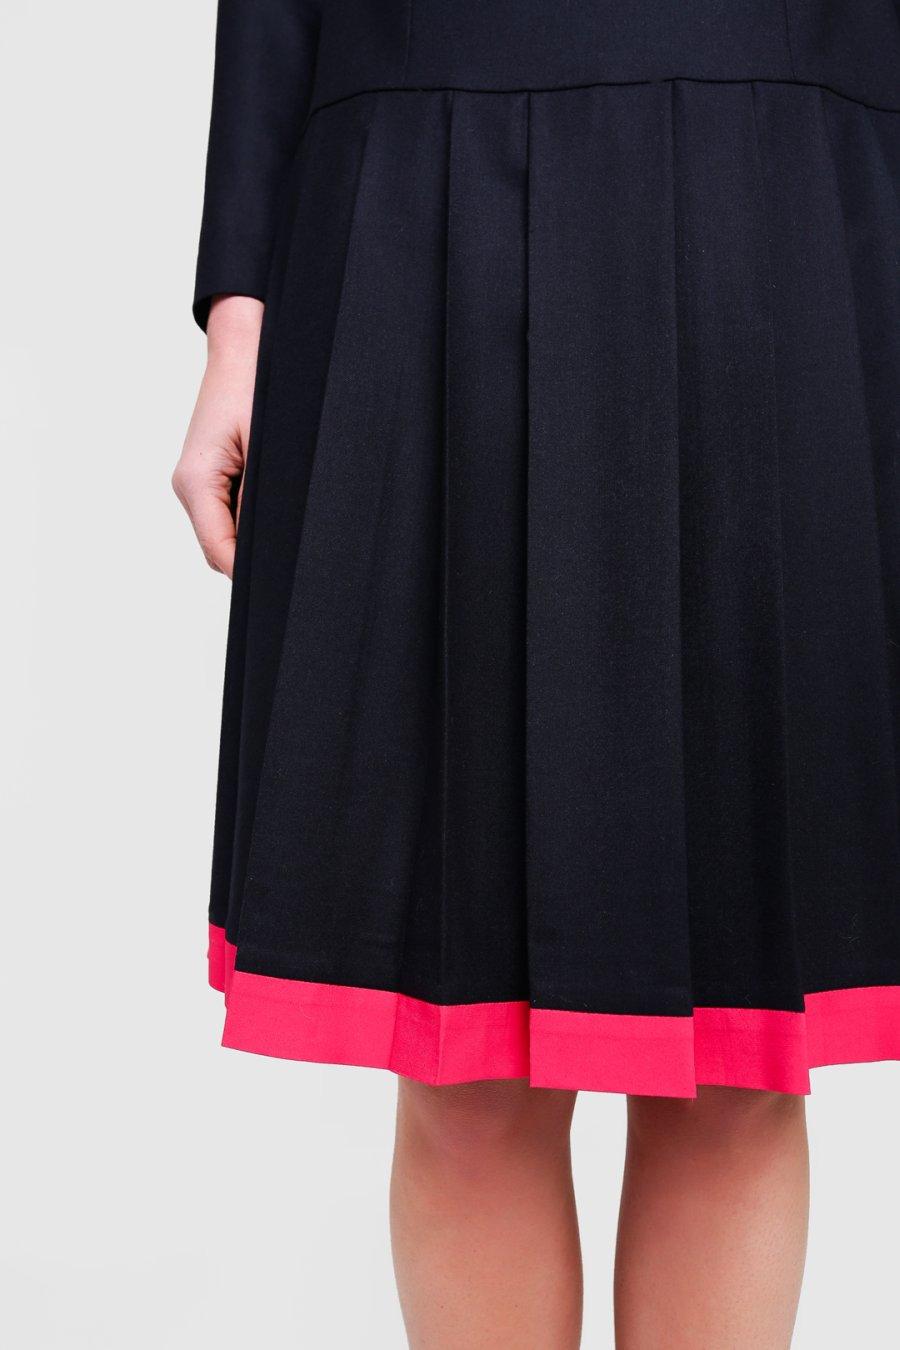 Черное платье с розовым воротником и юбкой в складку.